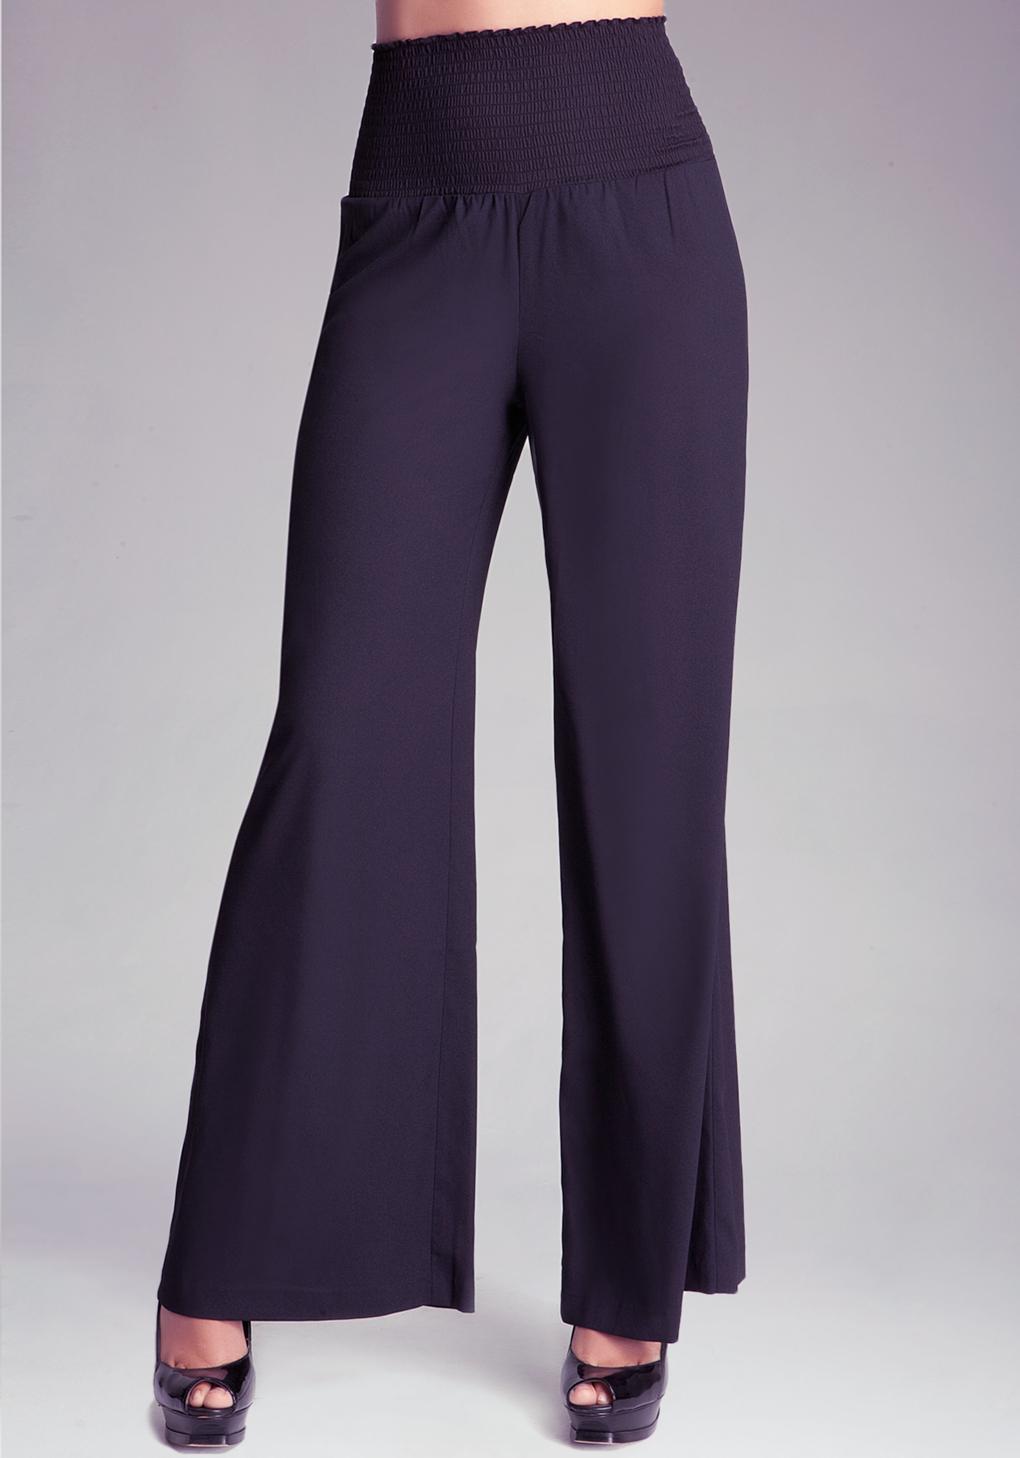 Bebe Wide Leg Smocked Waist Pant in Black   Lyst